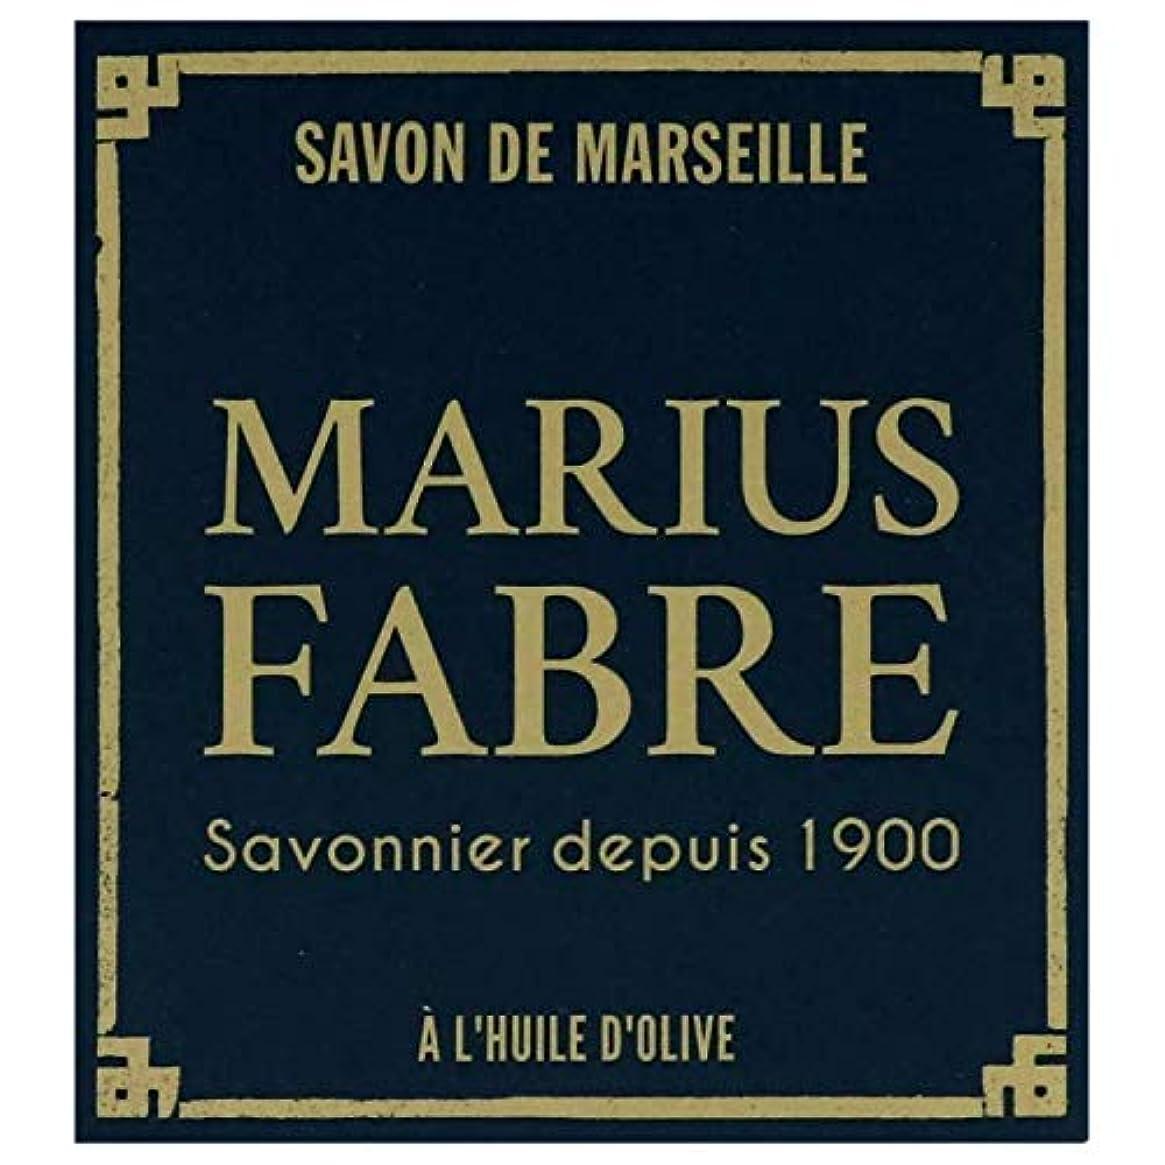 上へ規範売るサボンドマルセイユ ネイチャー オリーブ (200g)